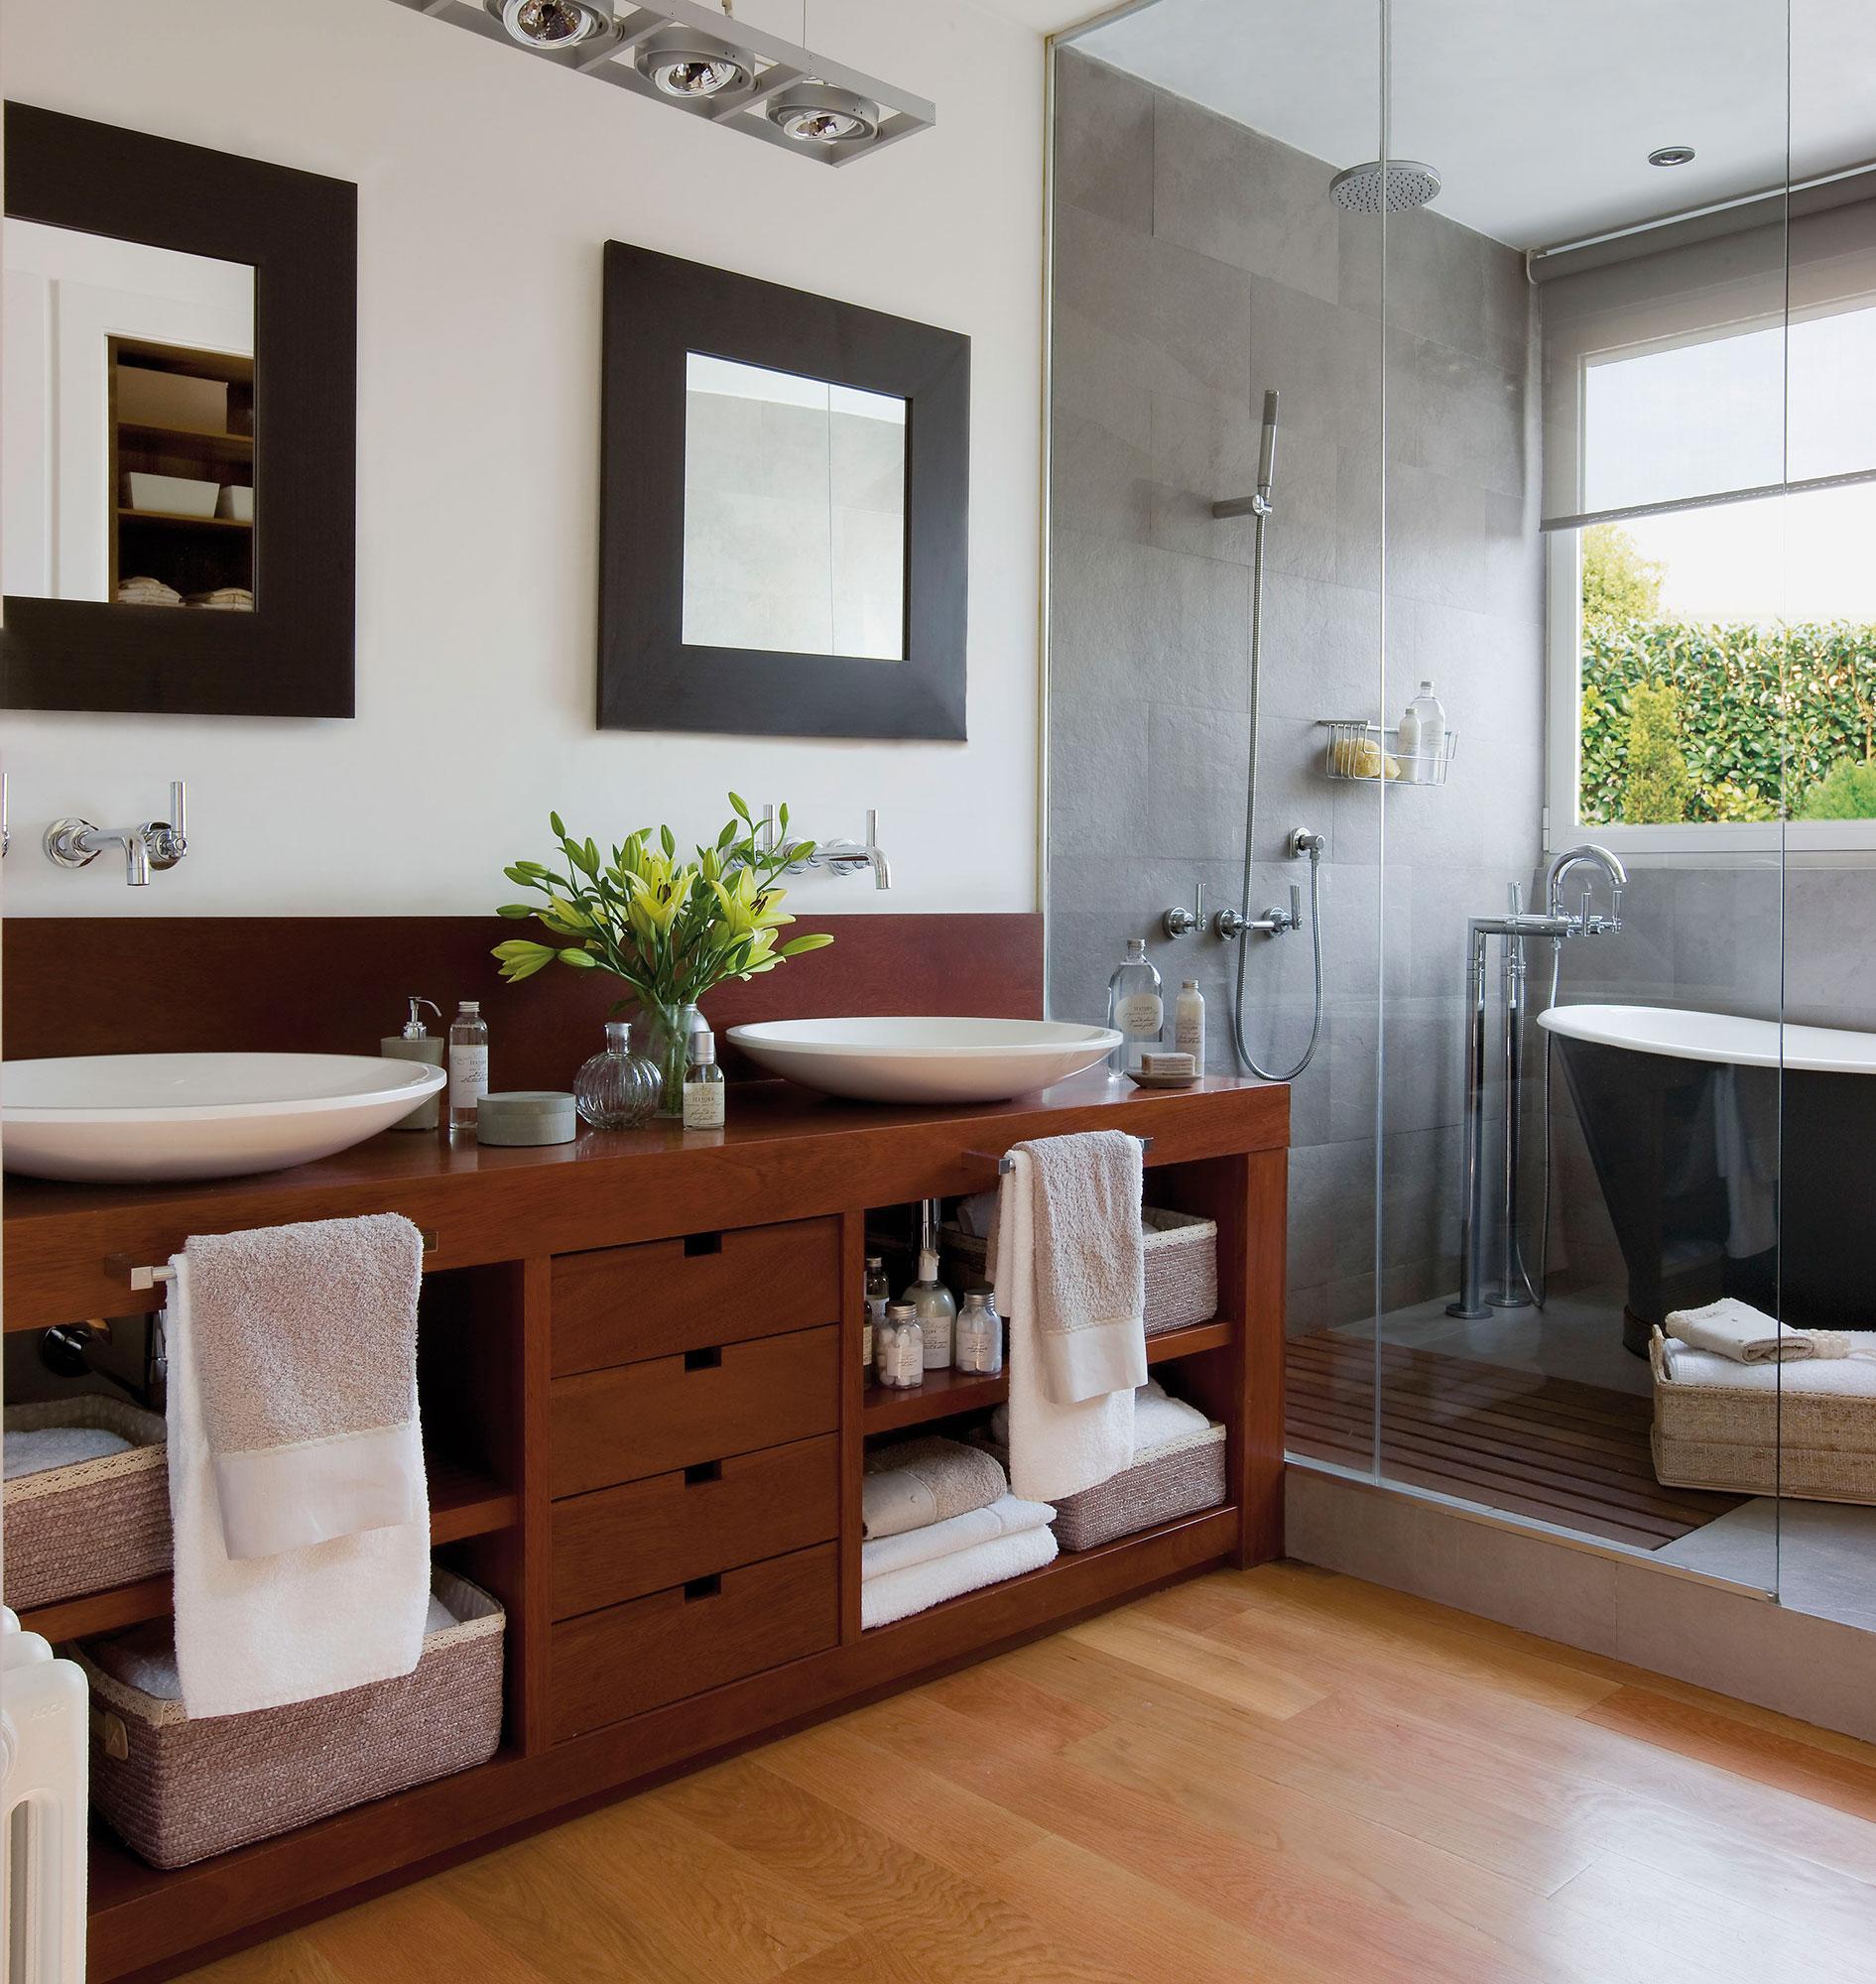 Ba os con ducha pr cticos y ecol gicos for Muebles para toallas